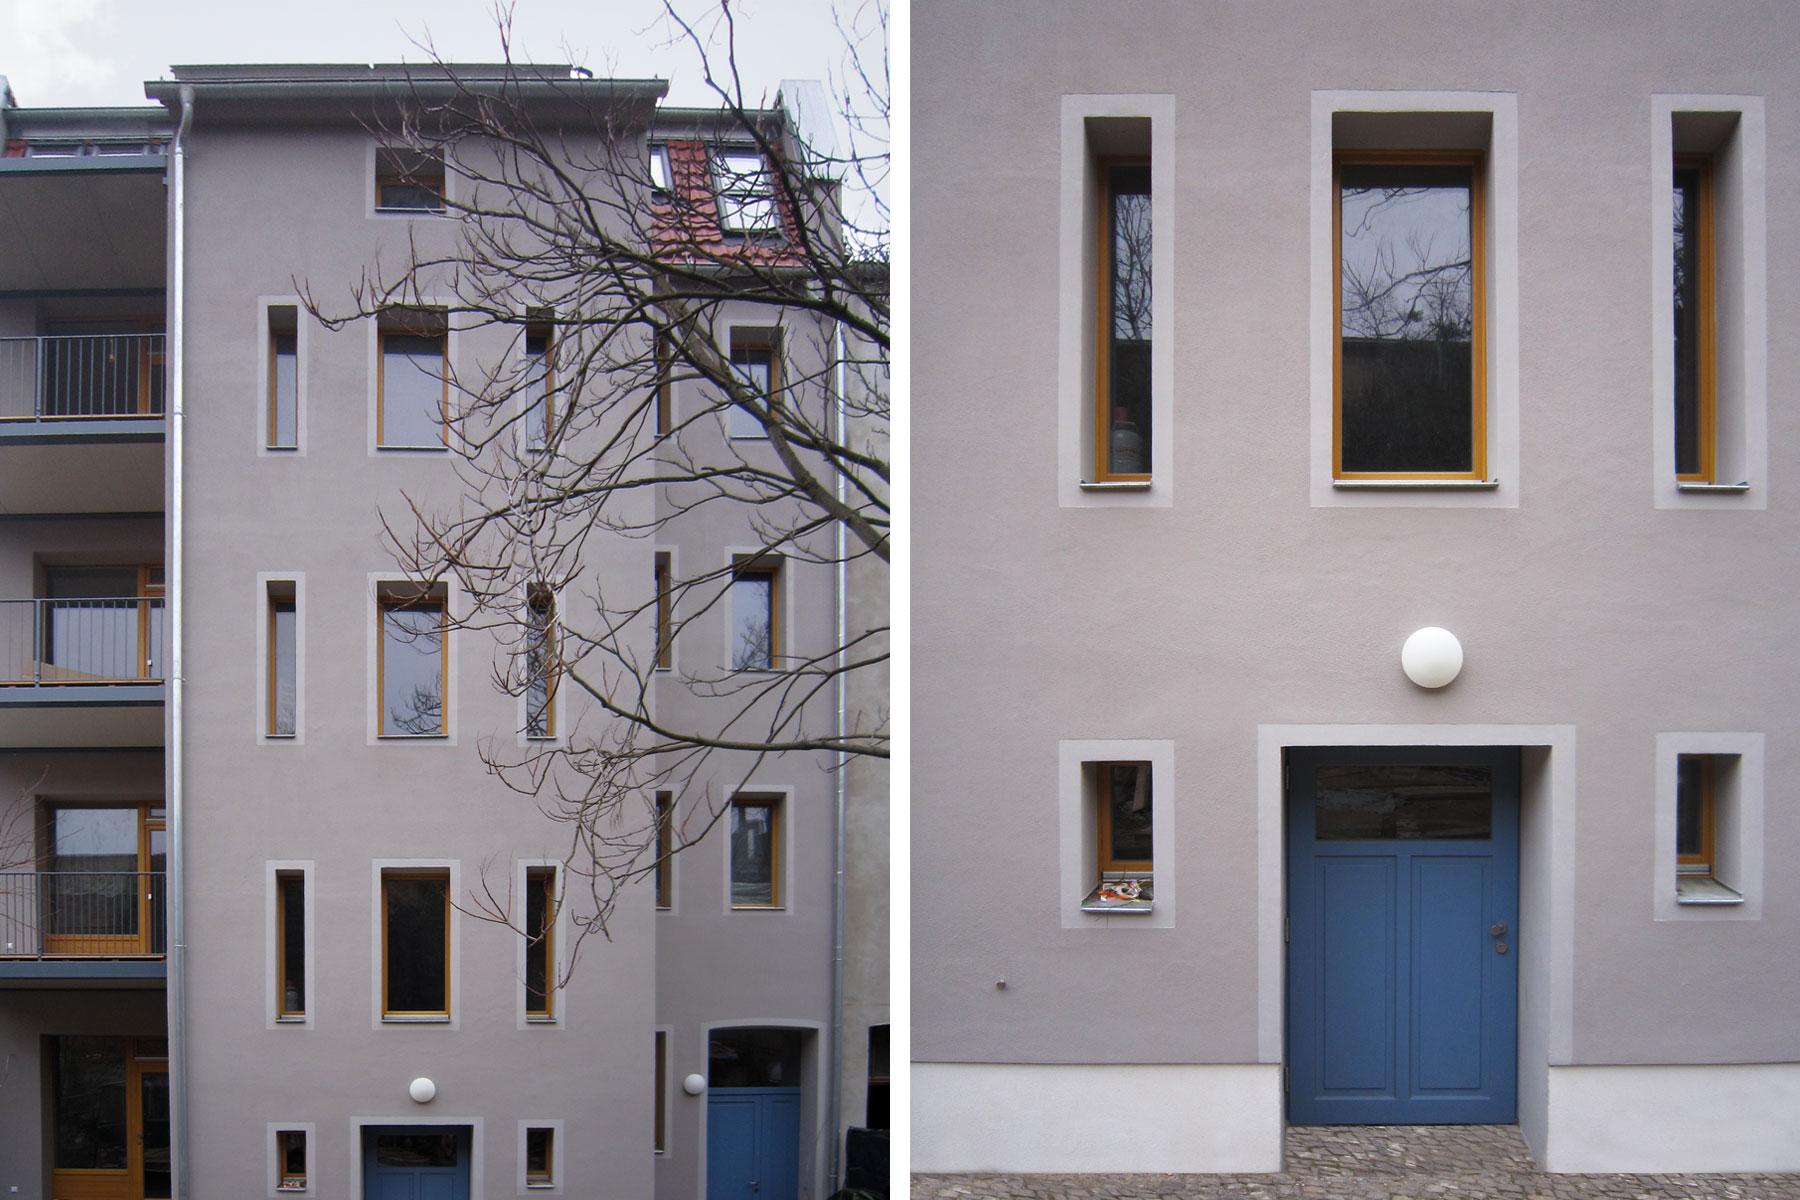 Mietshaus Kinder-Tageseinrichtung Fassade